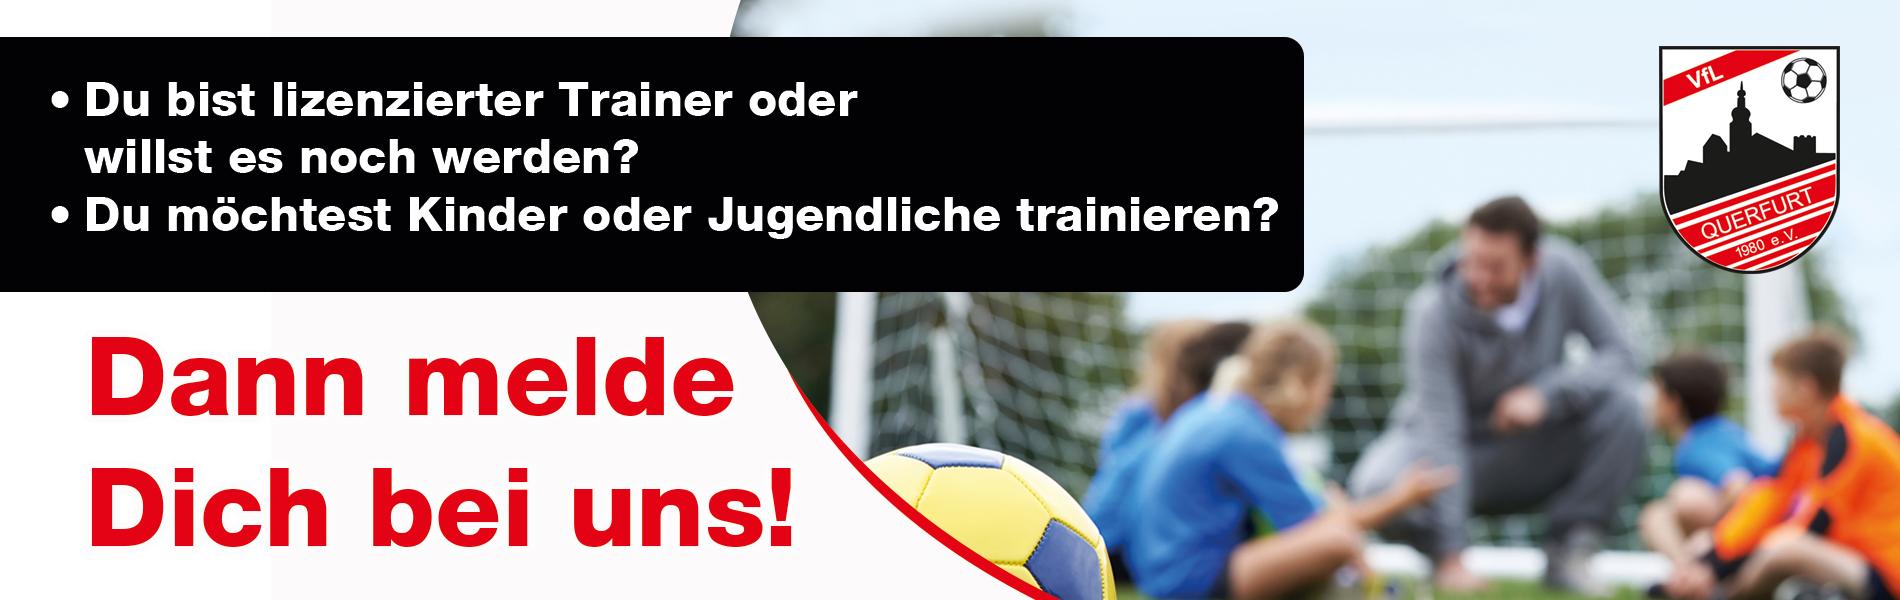 Trainer-Header